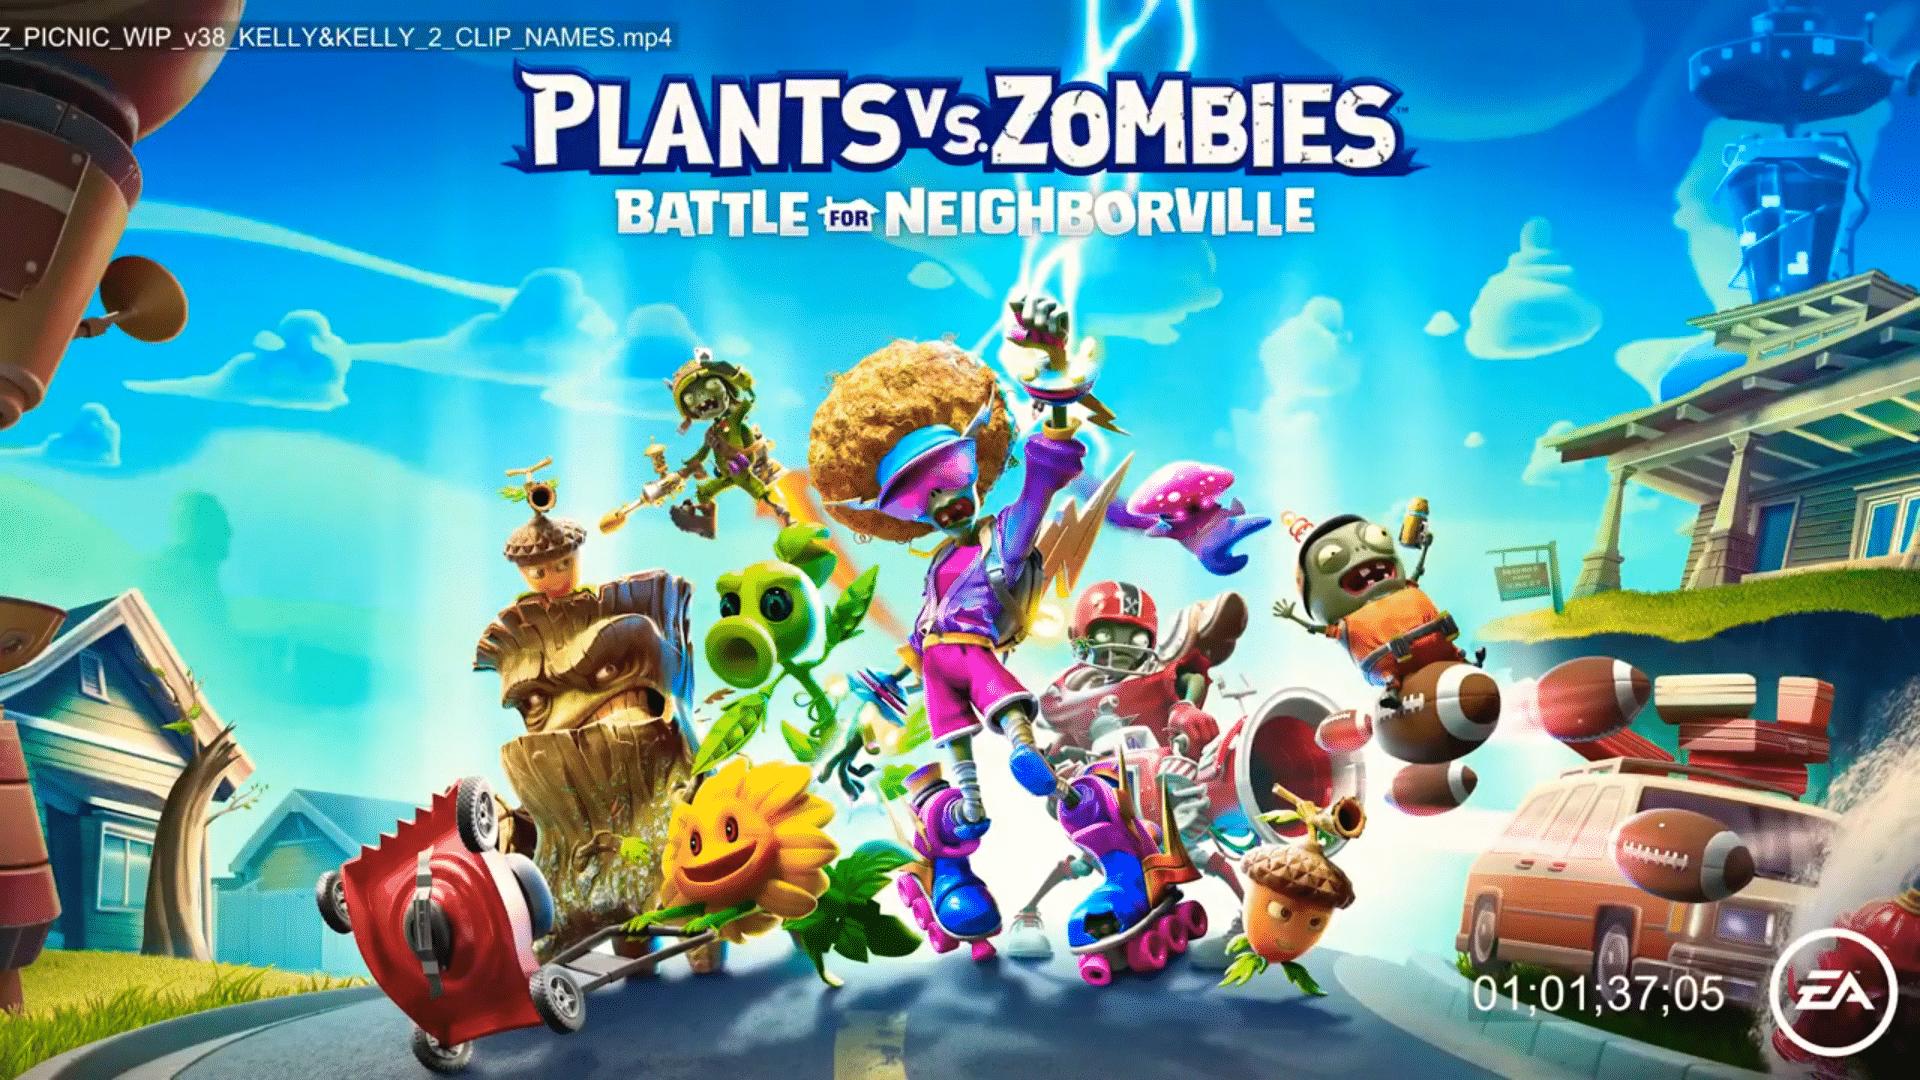 Plants Vs Zombies: Battle for Neighborville